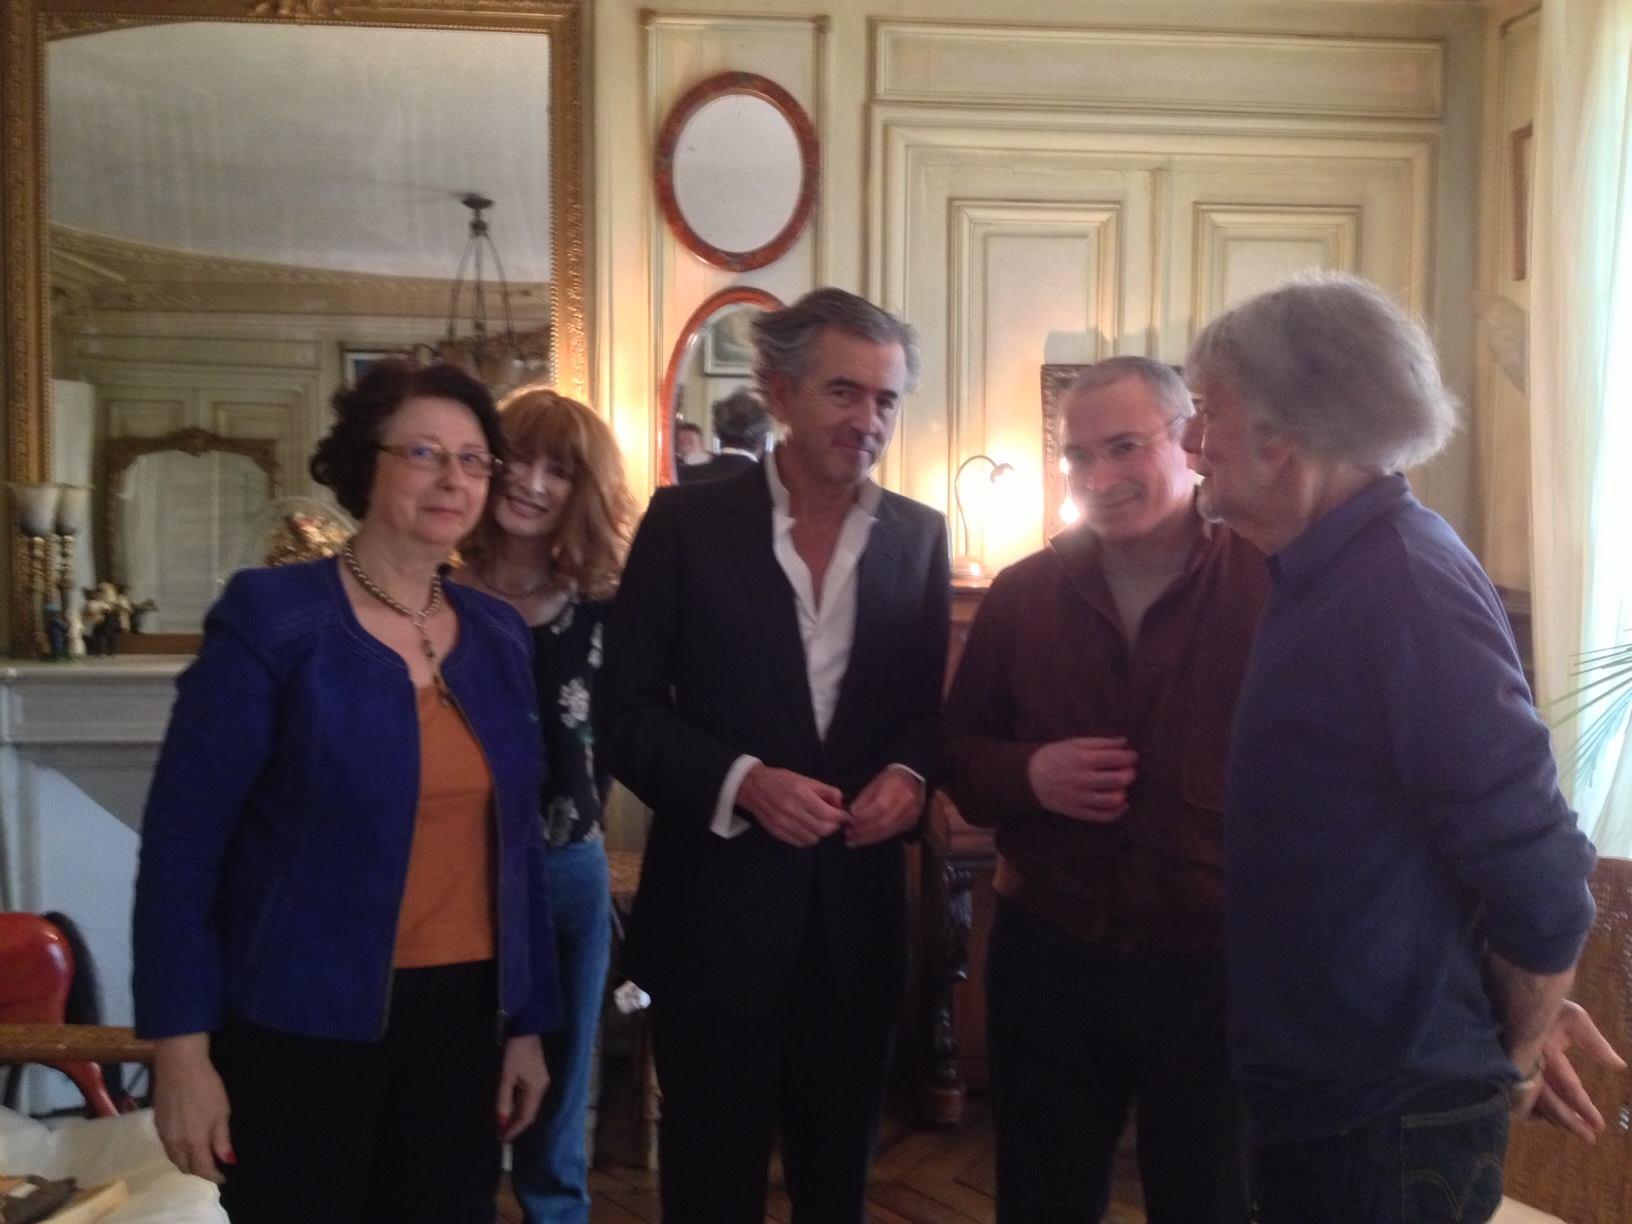 Galia Ackerman, Fanfan Glucksmann, Bernard-Henri Lévy, Mikhaïl Khodorkovsky, André Glucksmann. Photo : Galia Ackerman